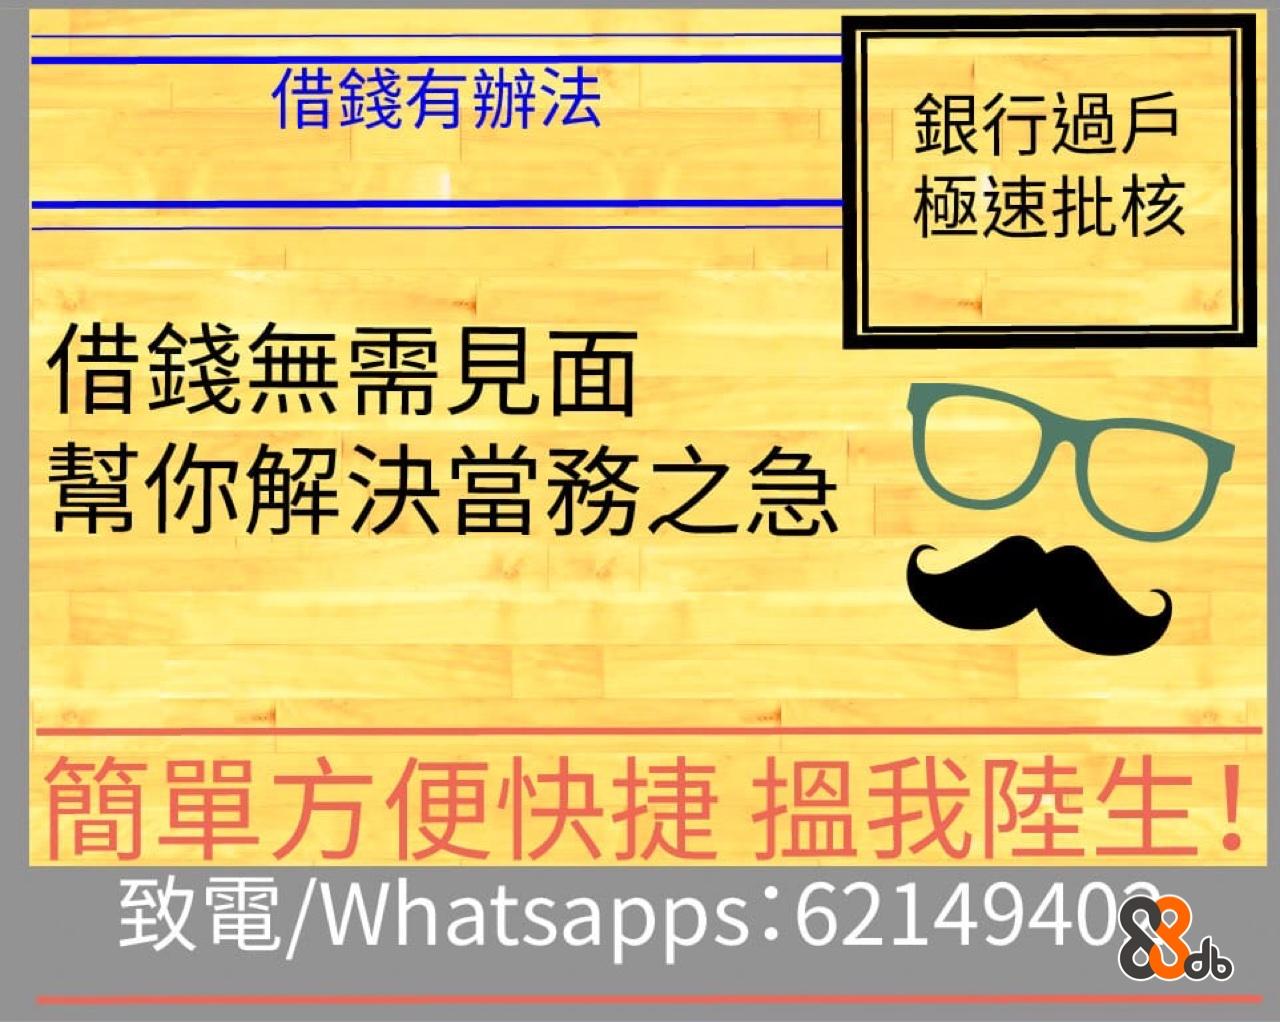 借錢有辦法 銀行過戶 極速批核 借錢無需見面 幫你解決當務之急 簡單方便快捷搵我陸生! 致電/Whatsapps : 6214940  text,yellow,font,line,product